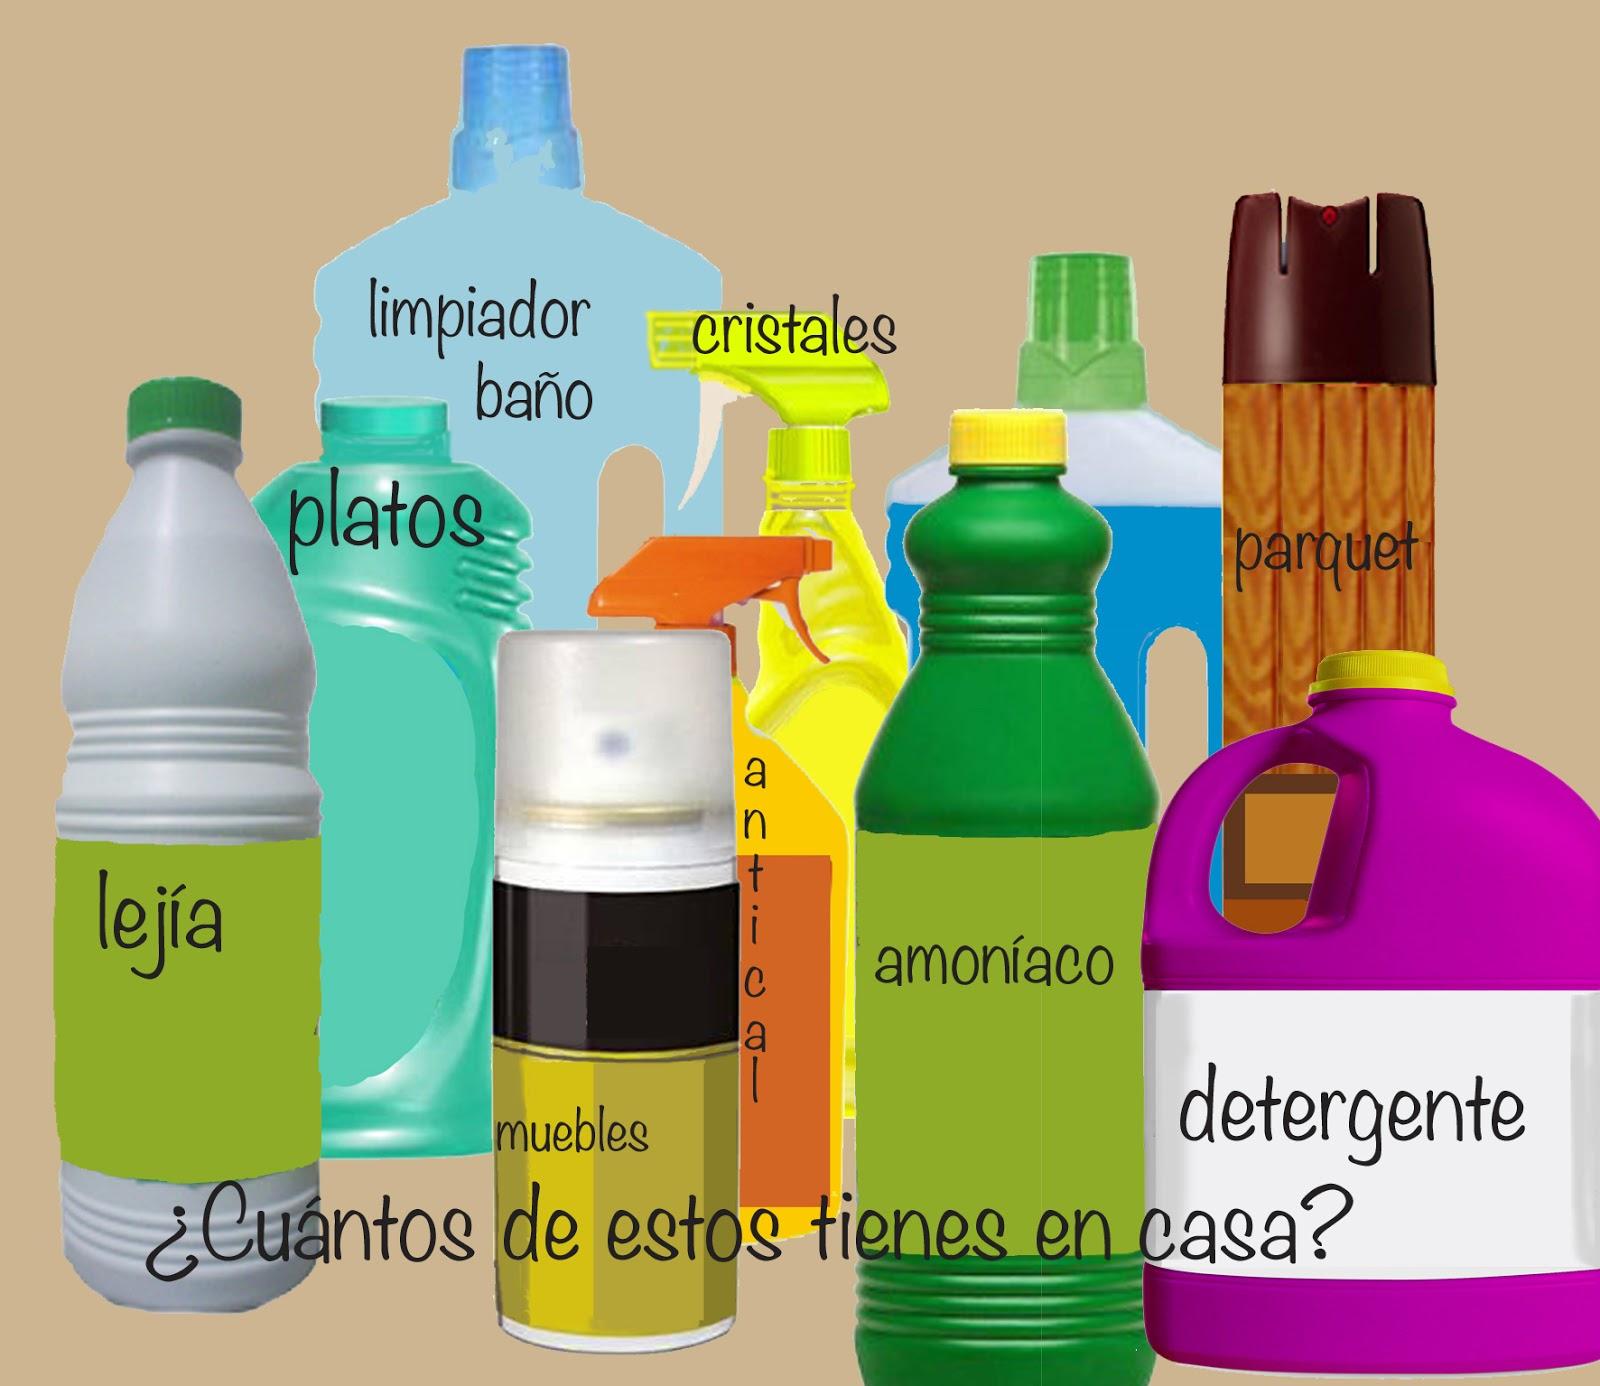 Bruja burbujas 10 limpiadores caseros ecol gicos y - Productos de limpieza caseros ...